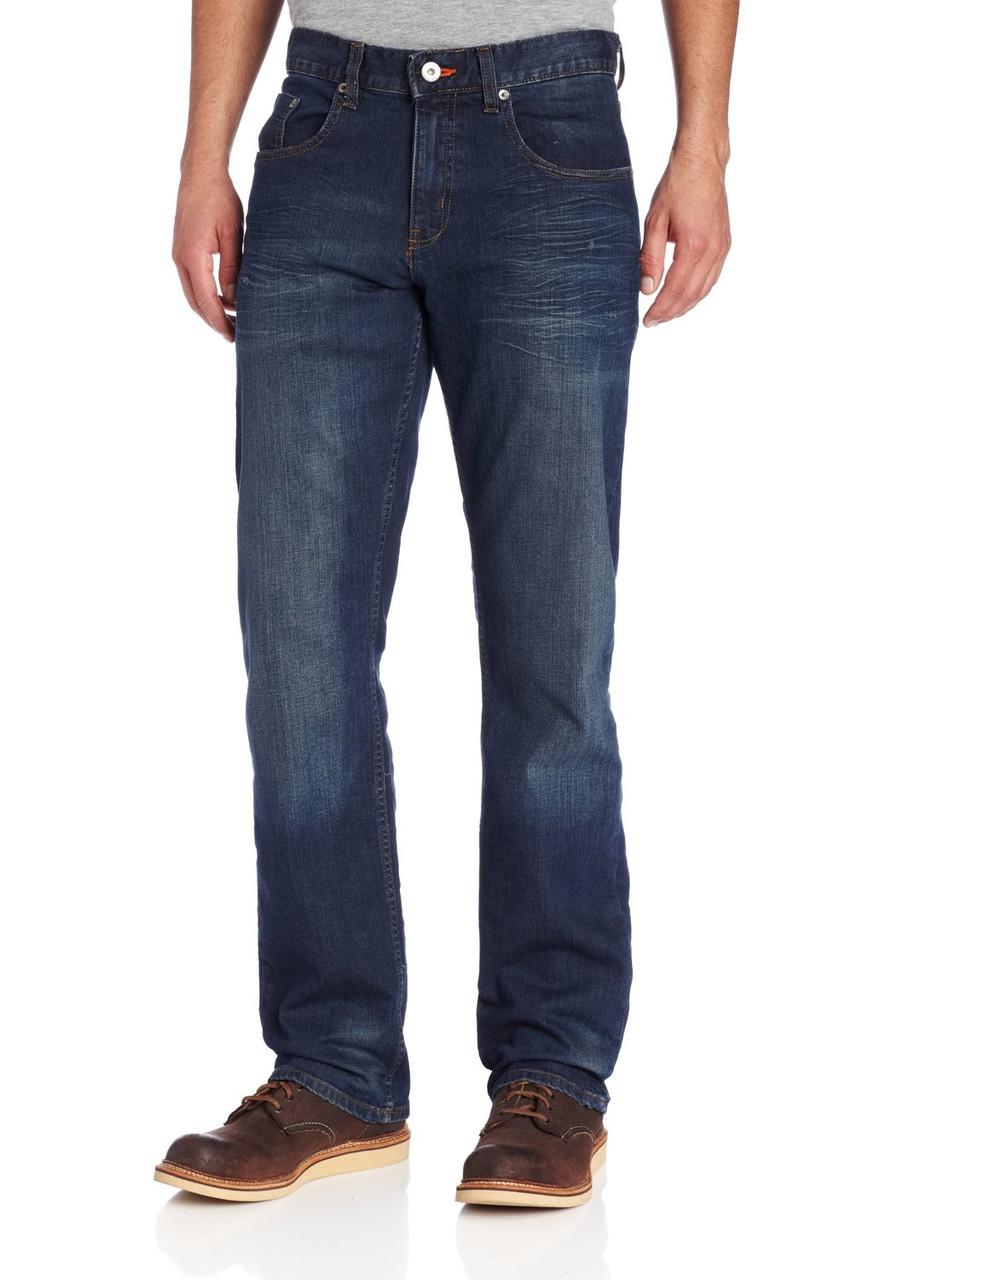 Джинсы Lee Modern Series Relaxed Fit Straight Leg, Blue Blood, 30W32L, 2012838